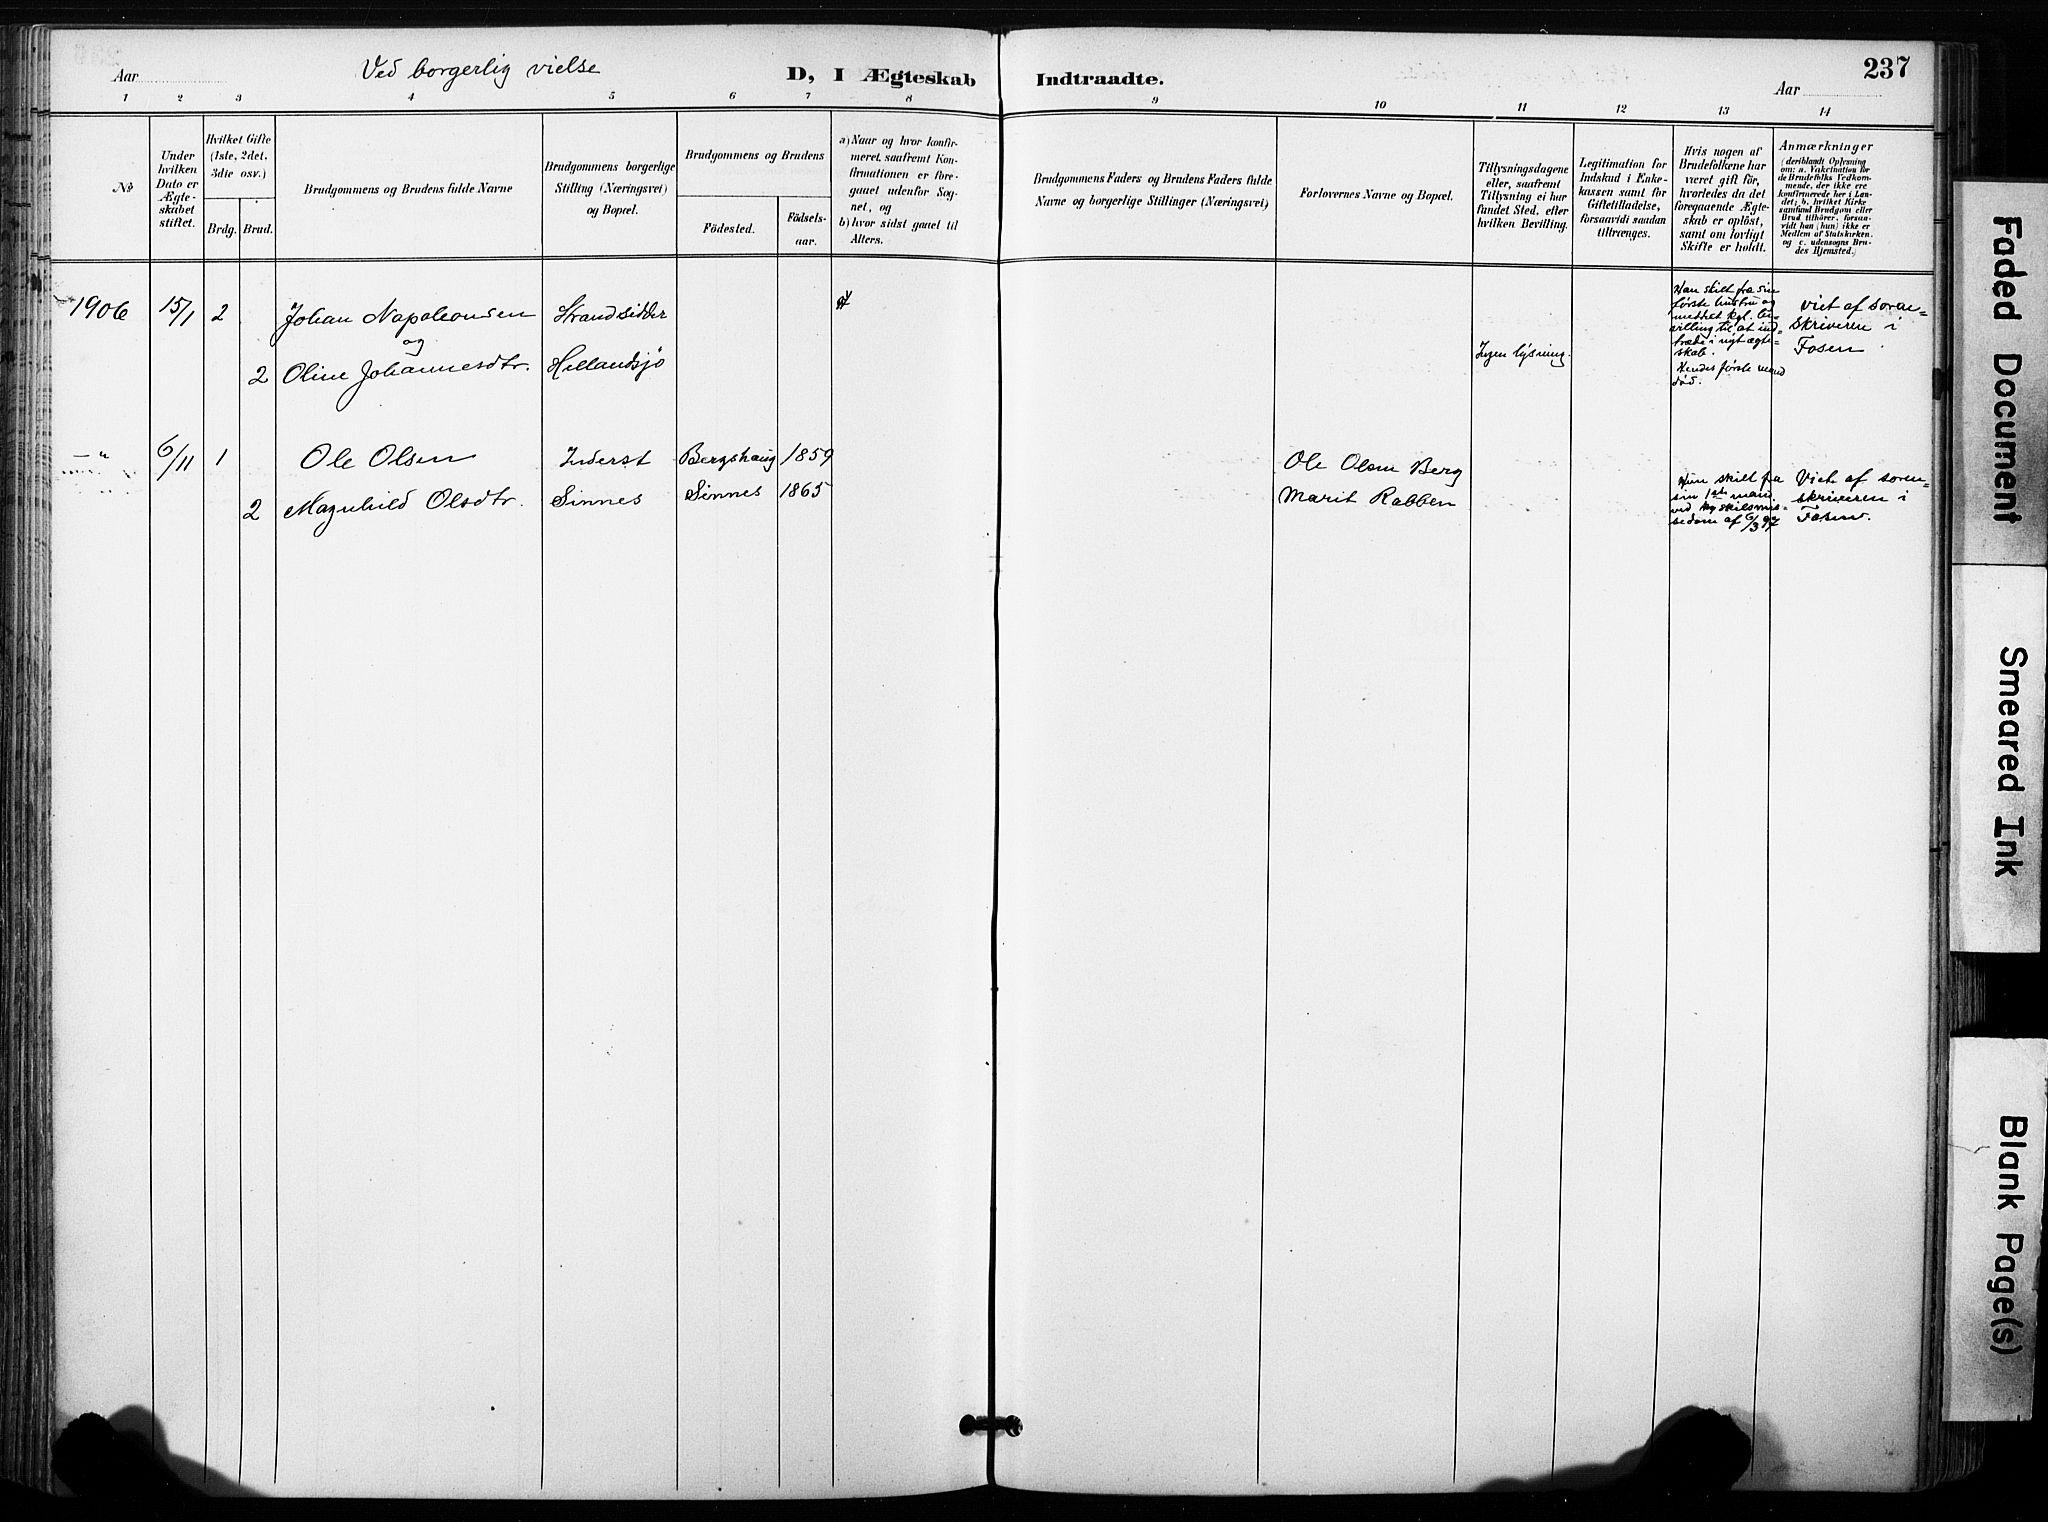 SAT, Ministerialprotokoller, klokkerbøker og fødselsregistre - Sør-Trøndelag, 630/L0497: Ministerialbok nr. 630A10, 1896-1910, s. 237